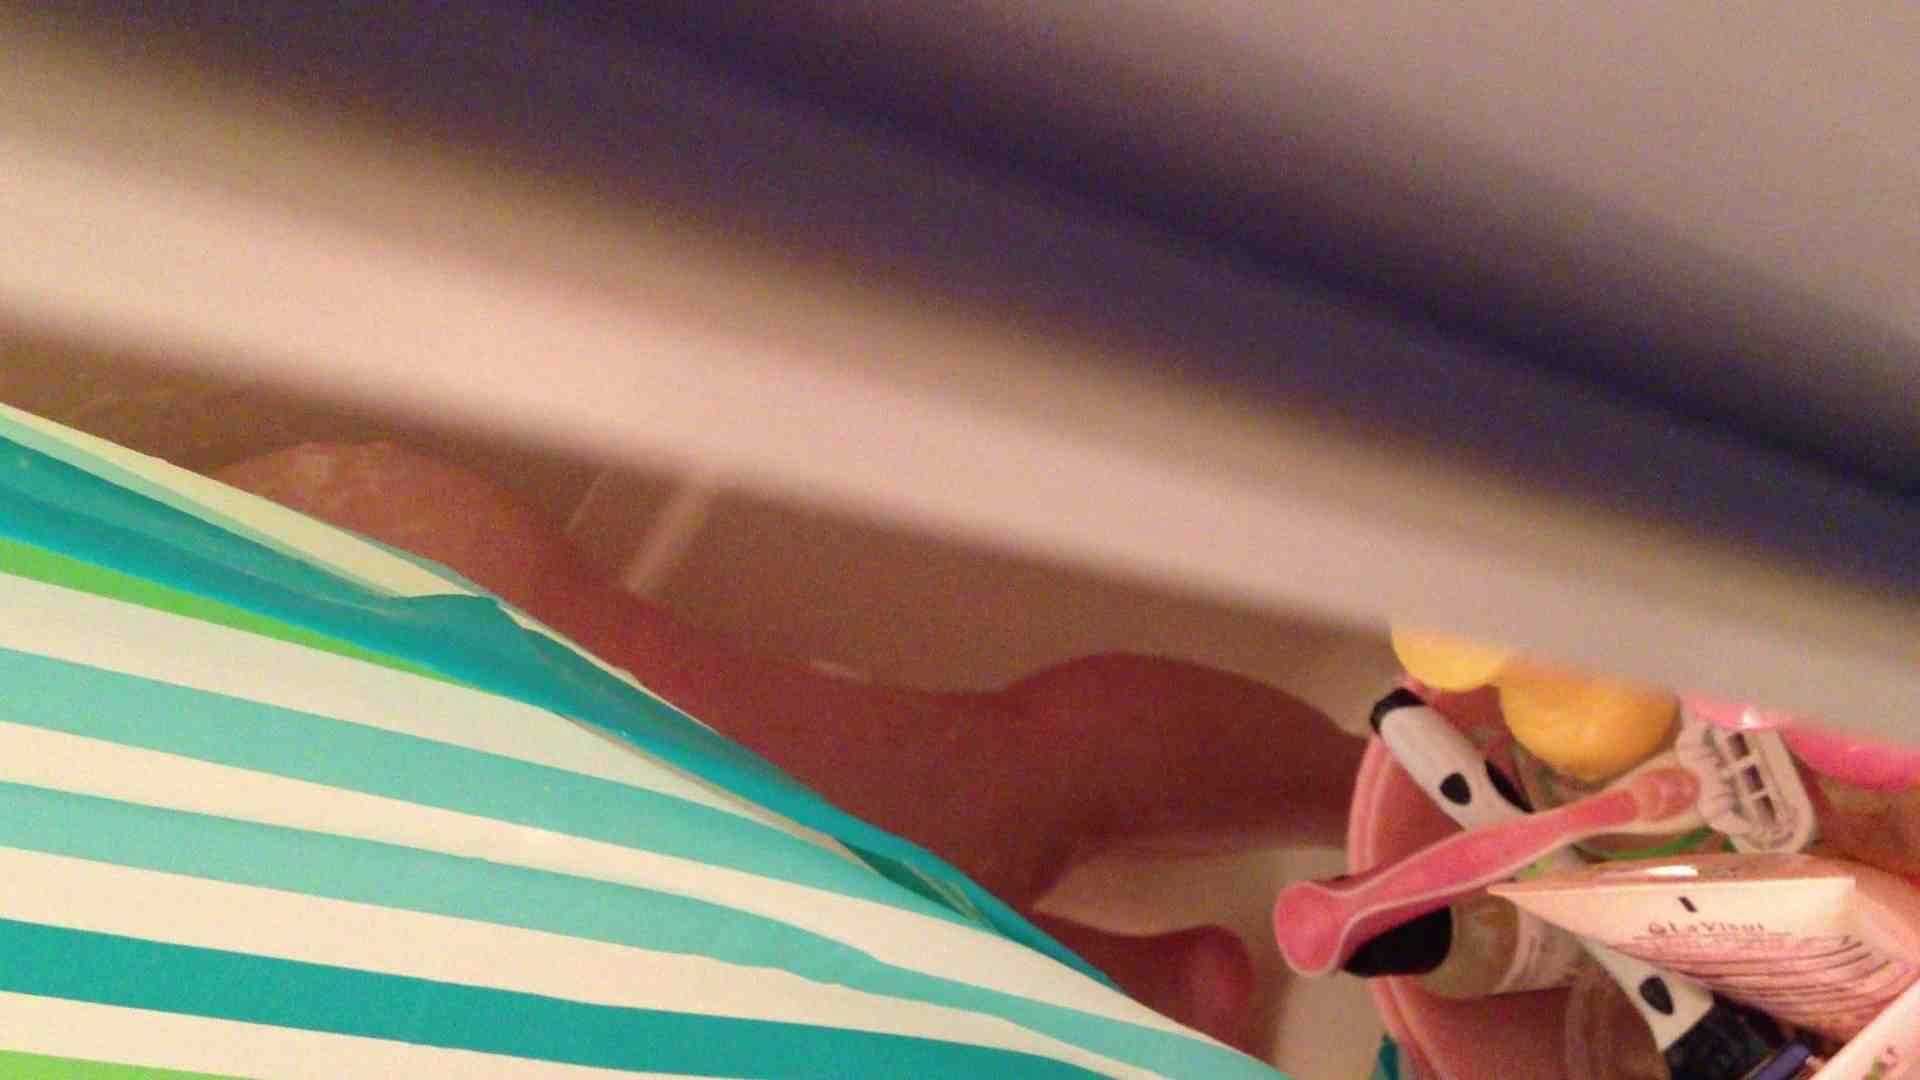 16(16日目)シャワー中にムダ毛処理をする彼女 パイパン天国  88PIX 30